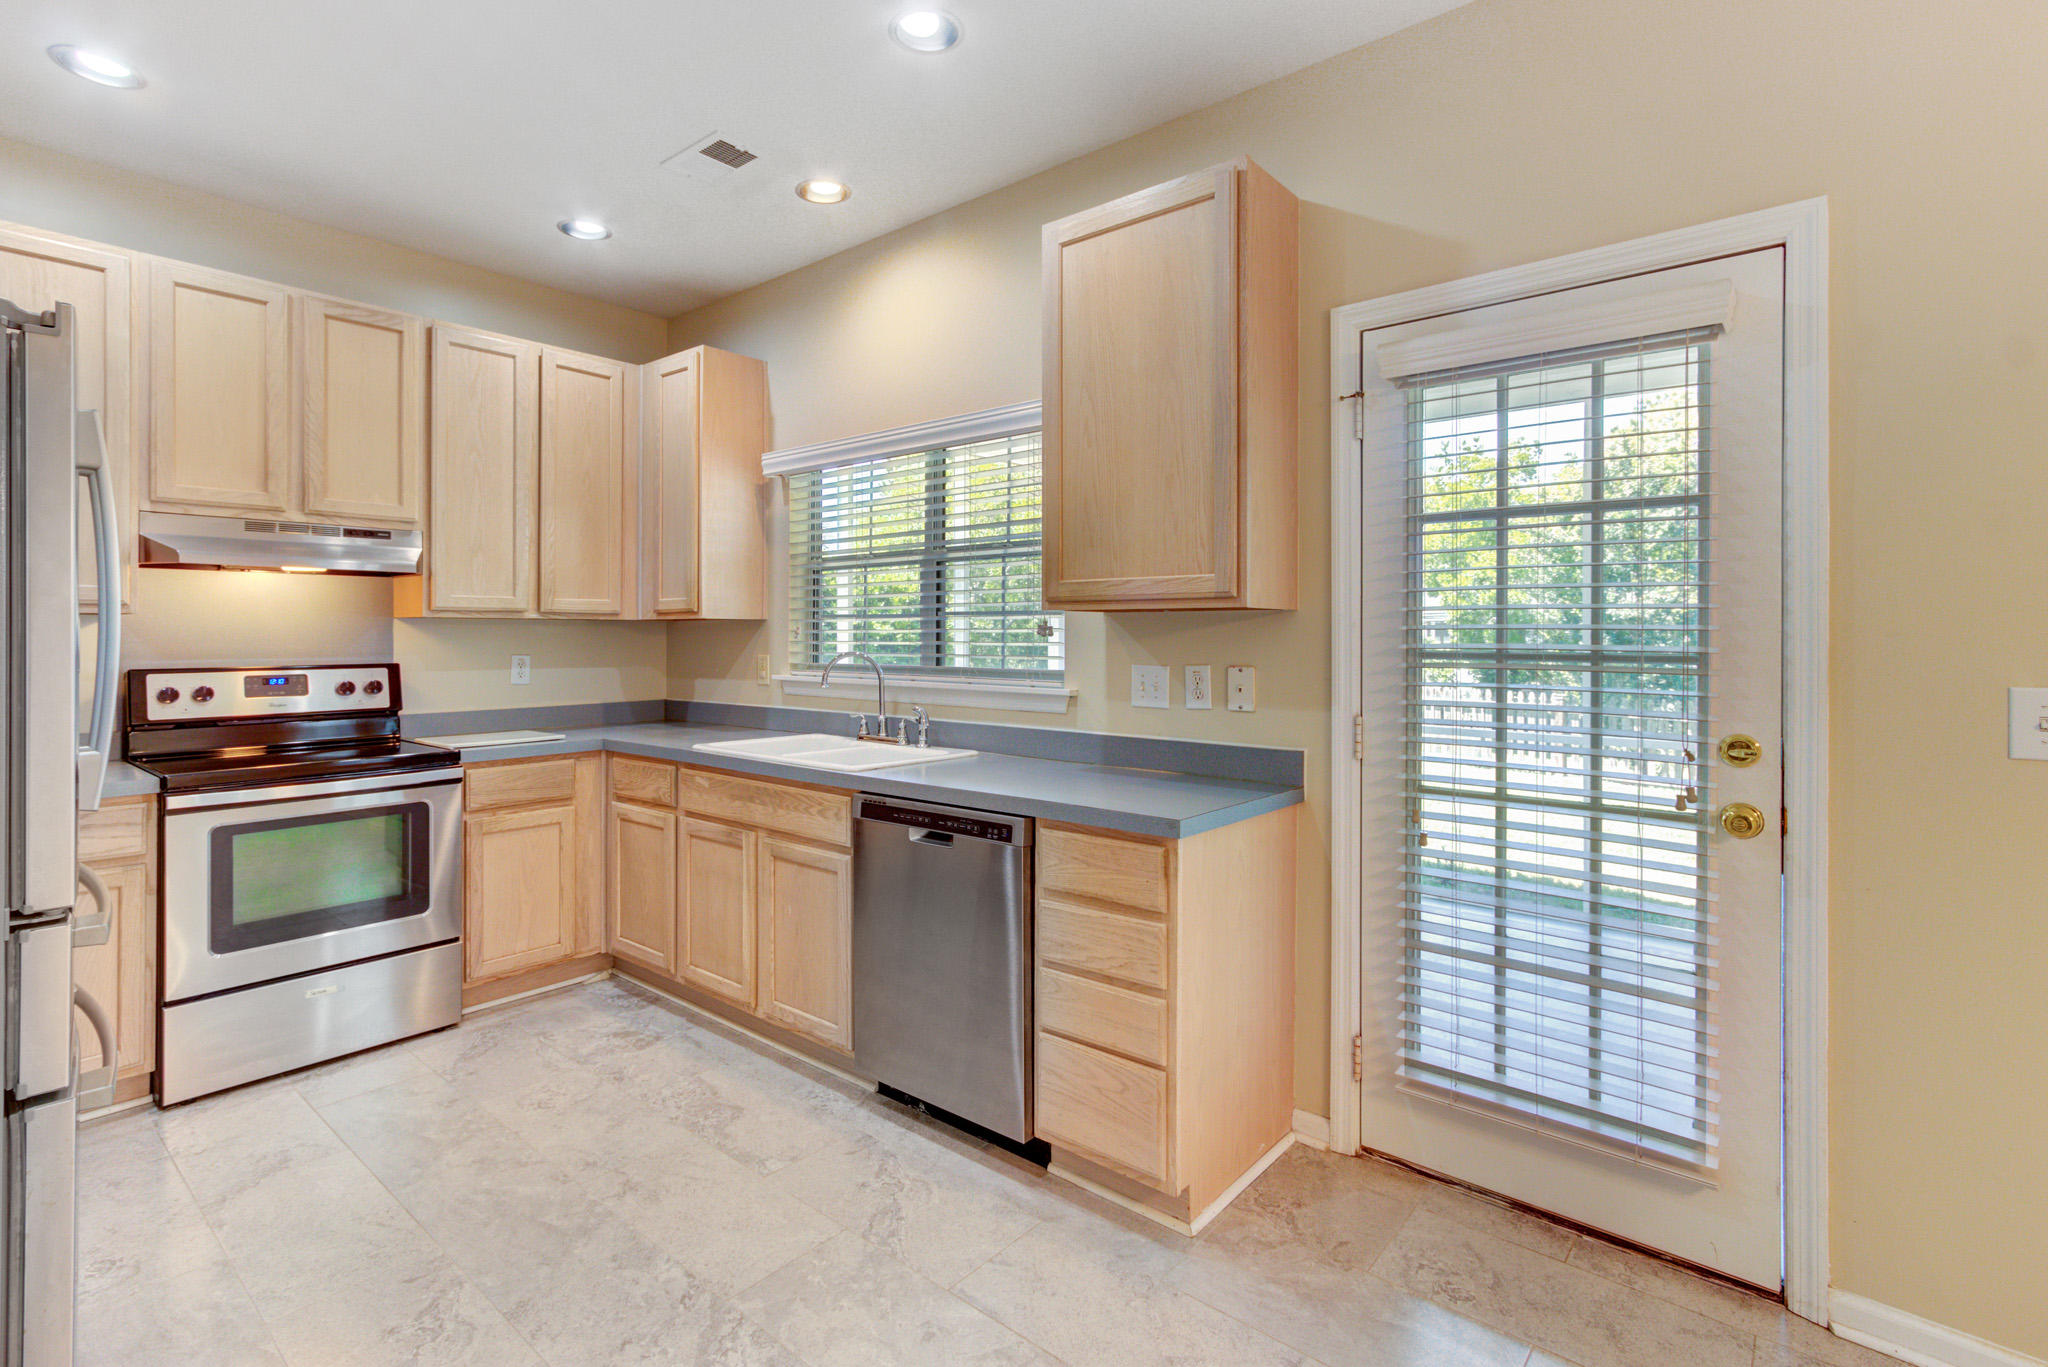 Dunes West Homes For Sale - 1645 Pin Oak Cut, Mount Pleasant, SC - 20